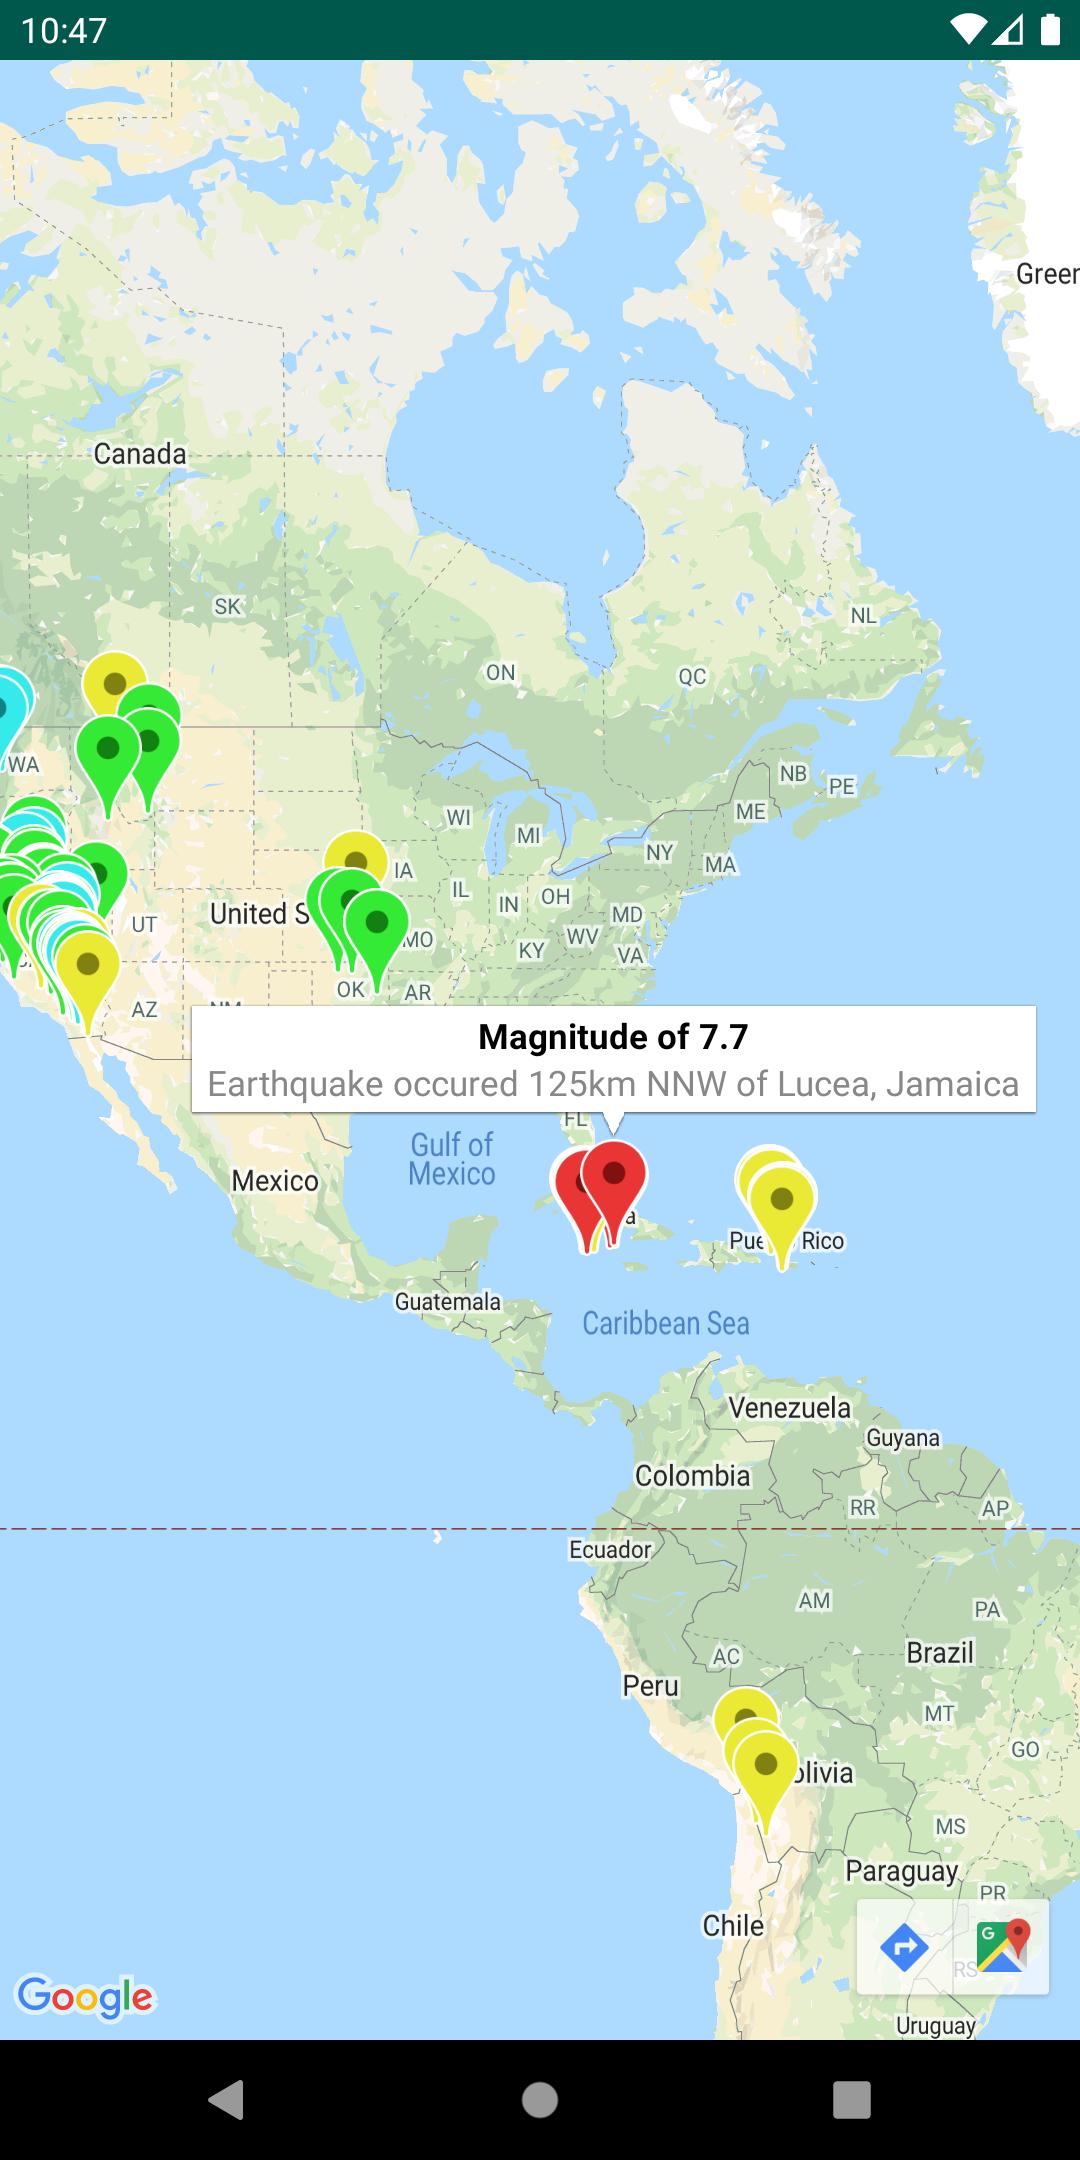 Eine Karte mit einer GeoJSON-Ebene